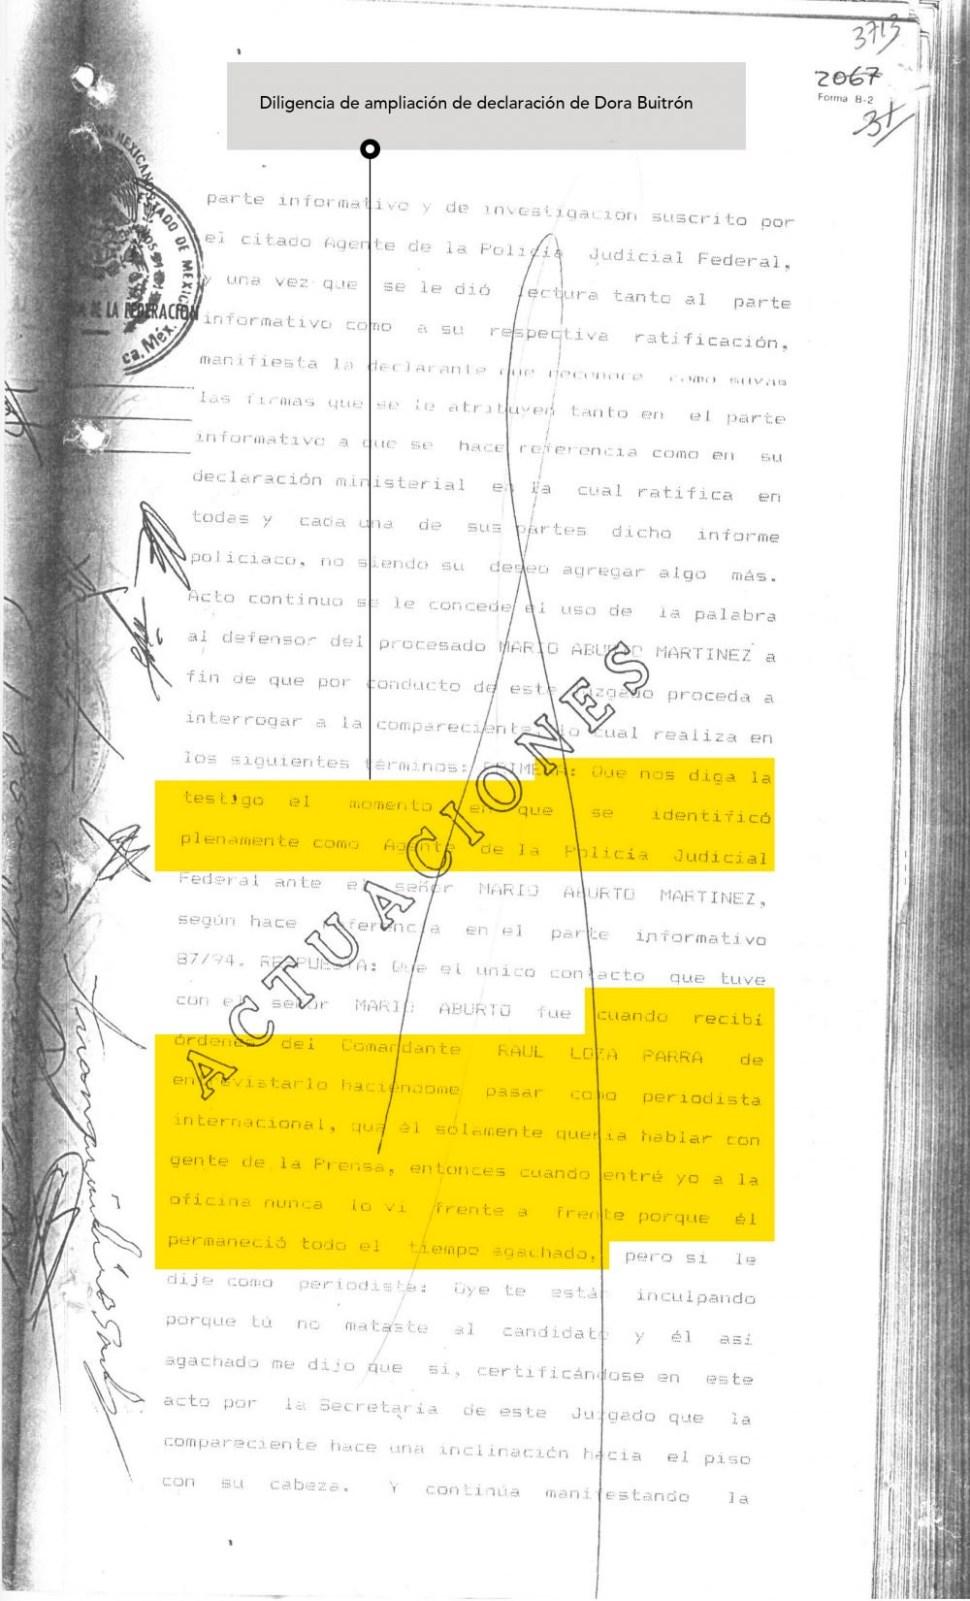 Parte del testimonio de la policía federal Dora Buitrón, quien recibió órdenes de hacerse pasar por periodista para obtener información (MCCI)